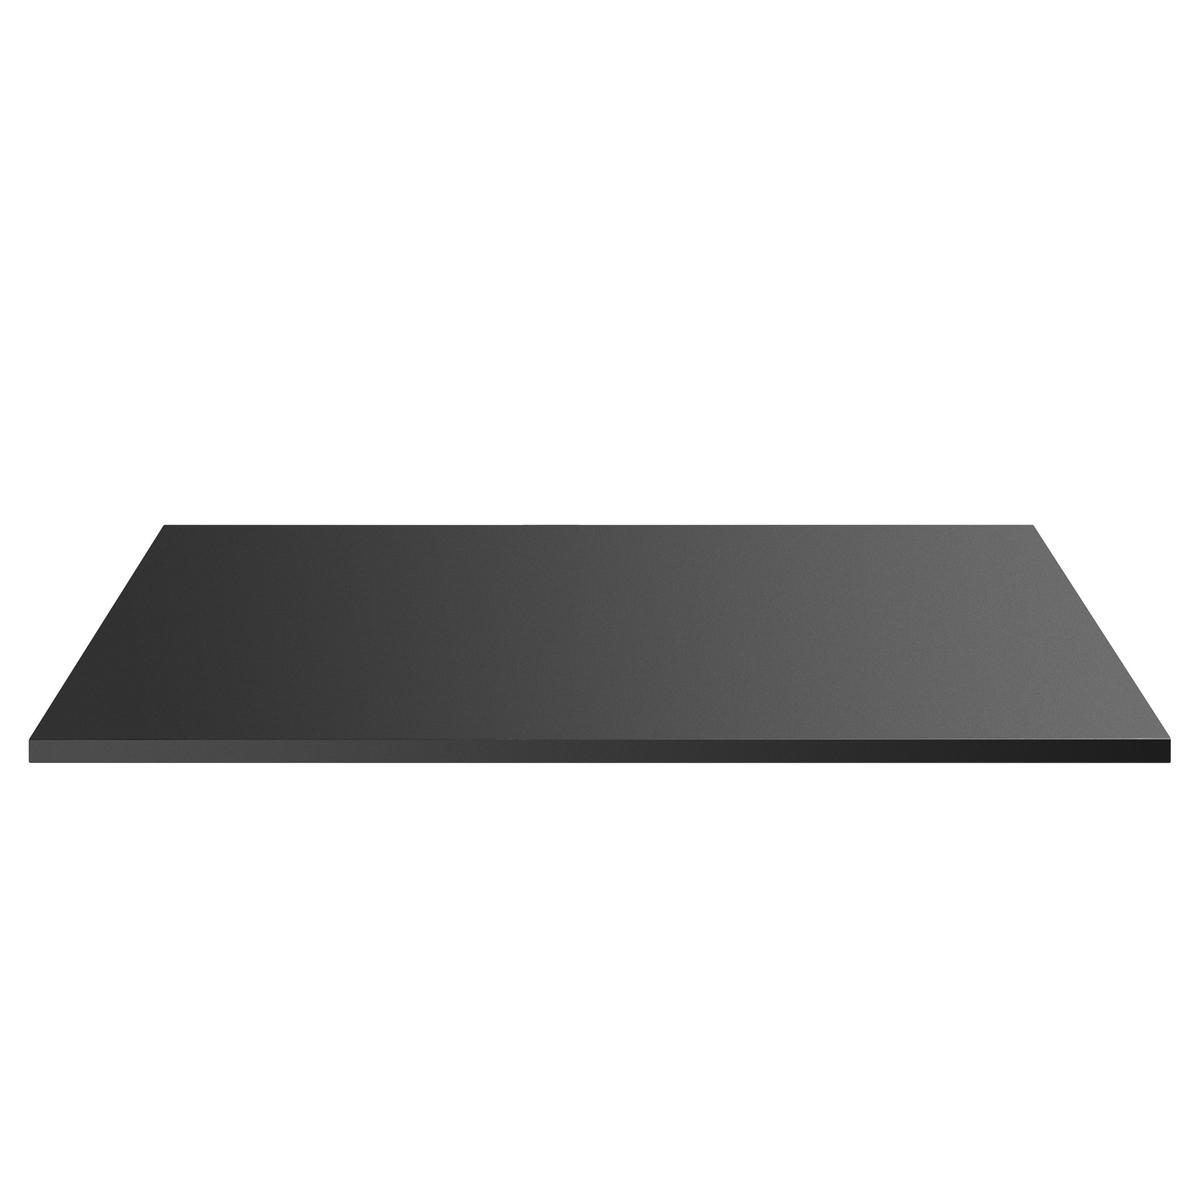 Столешница для письменного стола из металла Angus, размер 1Столешница для письменного стола из металла Angus. Сочетается с модулями для хранения Angus (продаются на нашем сайте). Создайте свое собственное рабочее пространство.Характеристики:- Из металла с матовым эпоксидным покрытием.Размеры:- Д123 x В3 x Ш65 см.Размеры и вес упаковки:- Д135 x В8 x Ш71 см, 20,5 кг.<br><br>Цвет: сероватый<br>Размер: единый размер